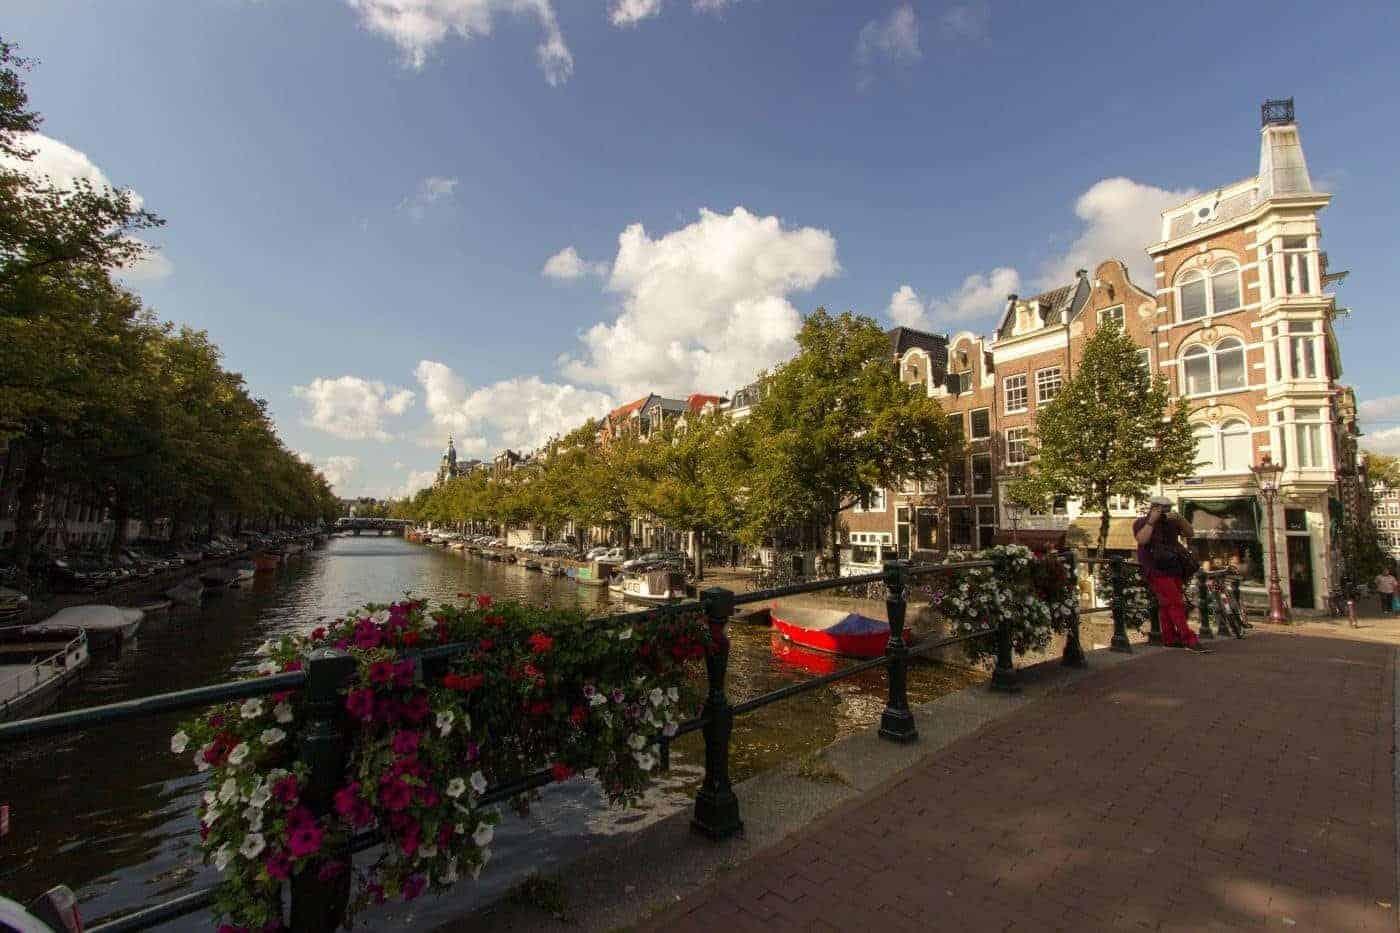 Uit het Fotoalbum Nederland op www.edvervanzijnbed.nl